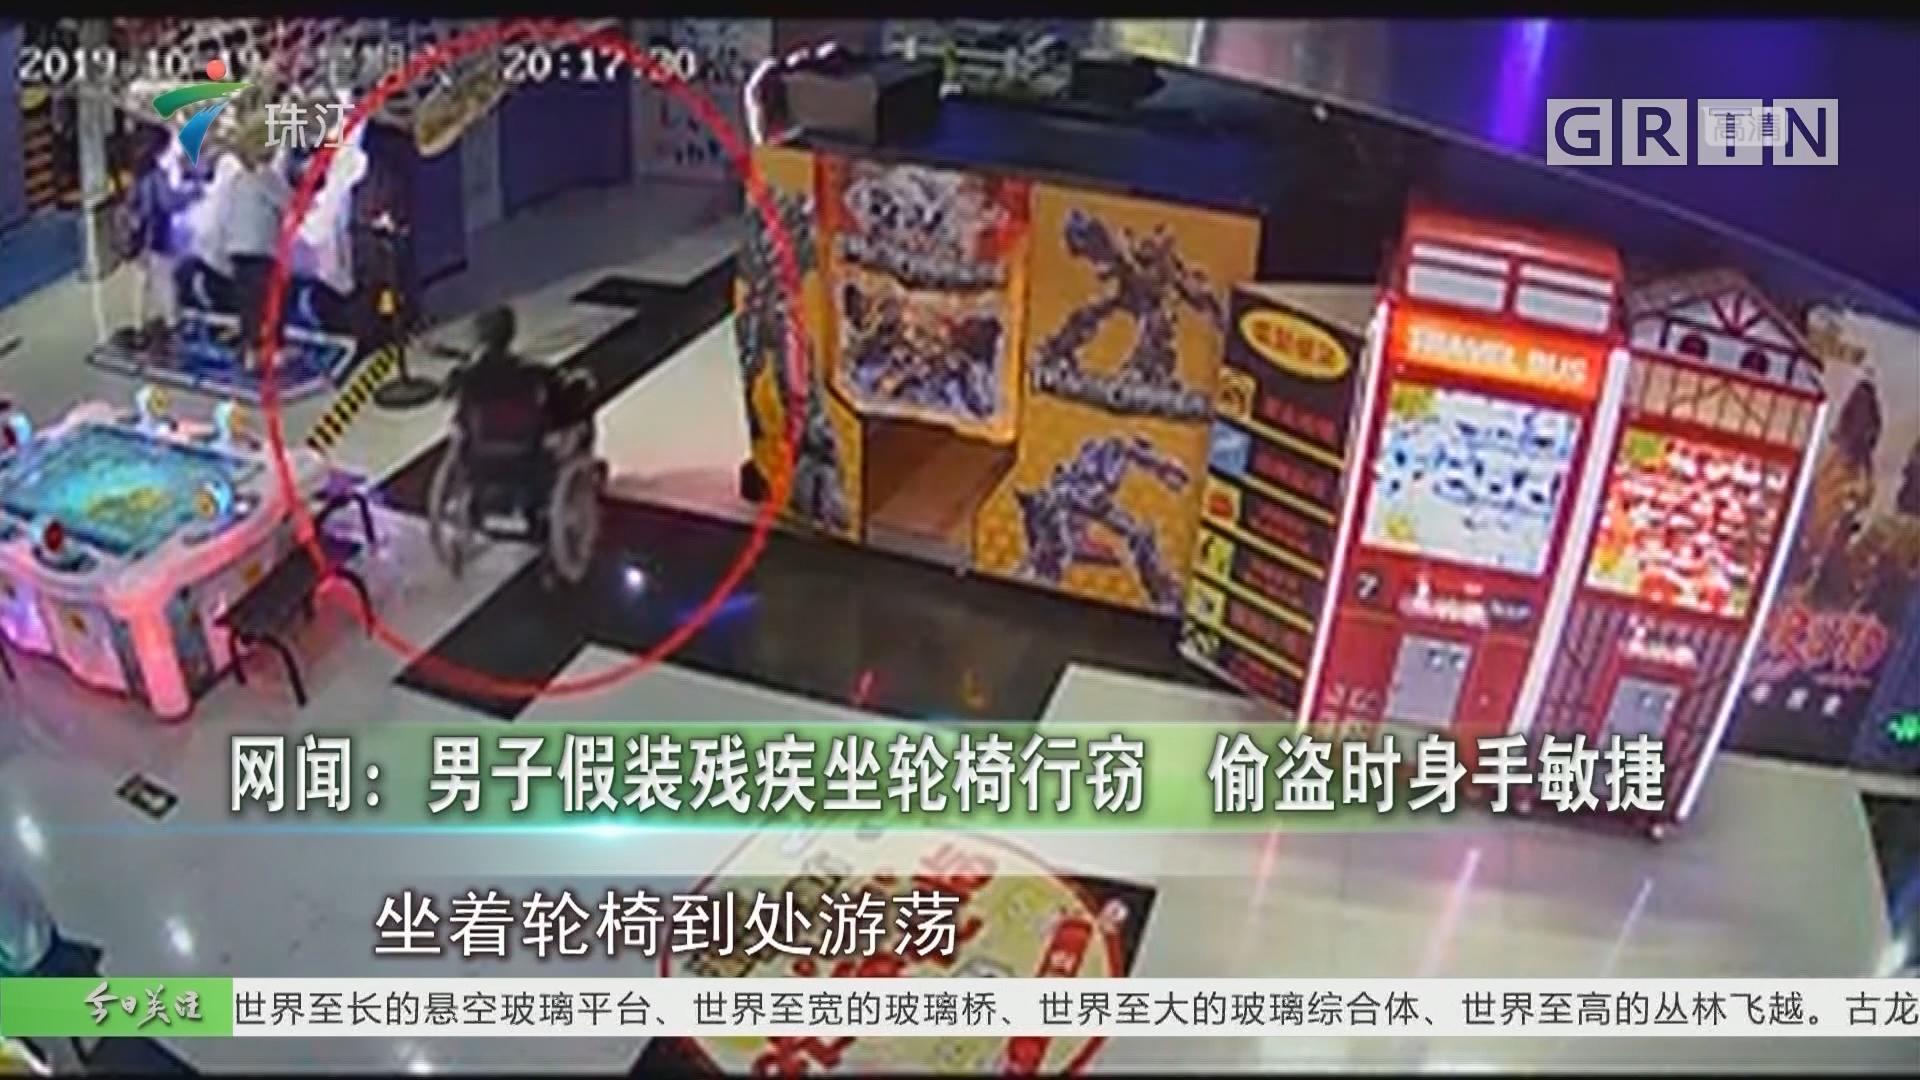 网闻:男子假装残疾坐轮椅行窃 偷盗时身手敏捷